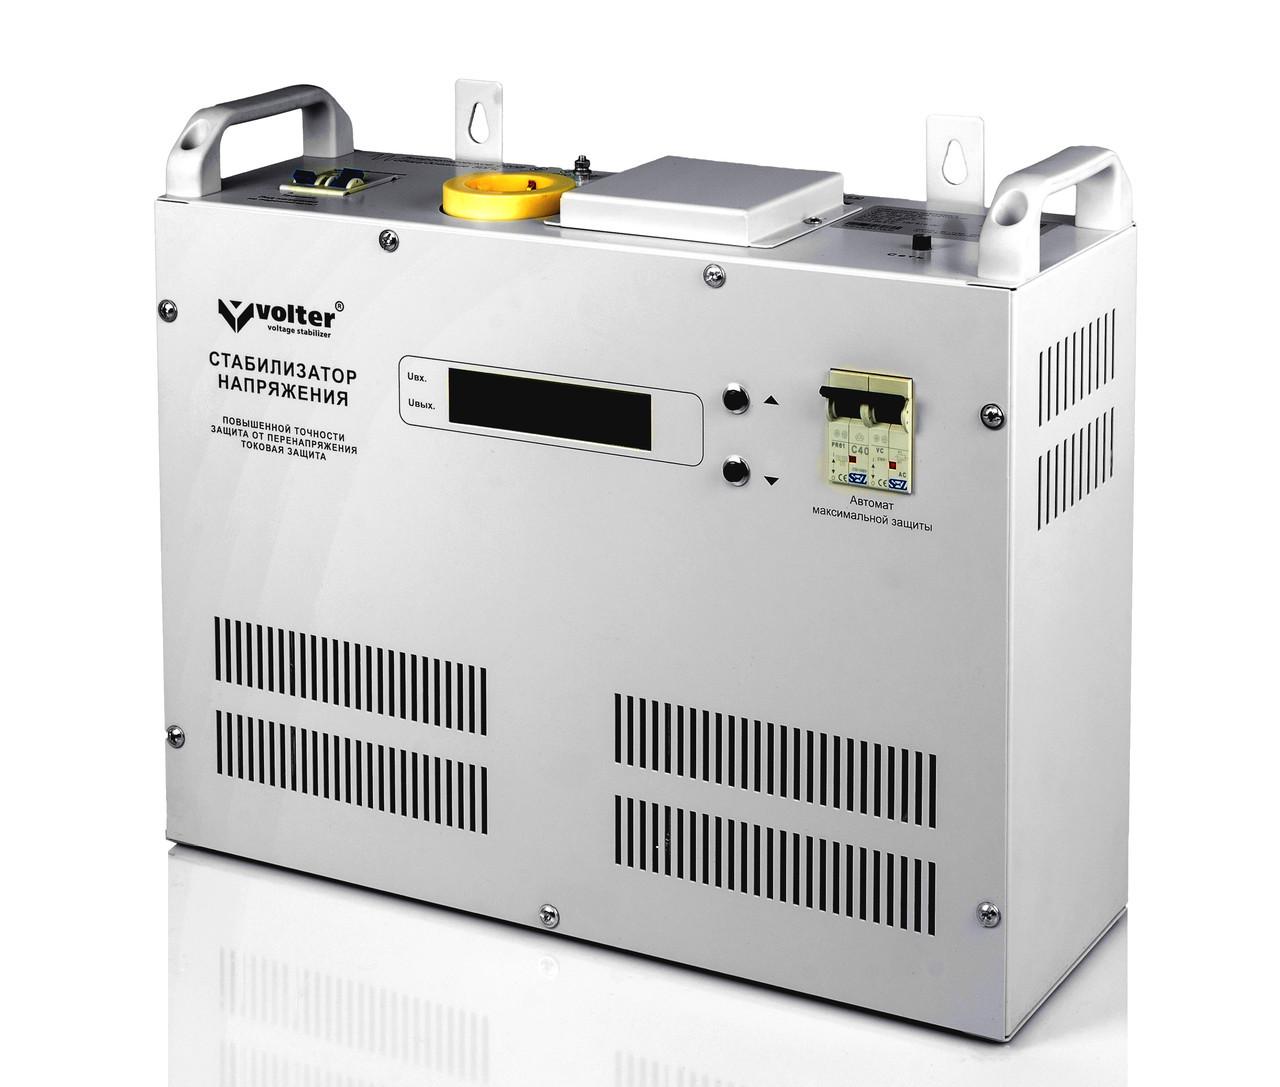 Електронний симісторний стабілізатор напруги Volter-4 птсш